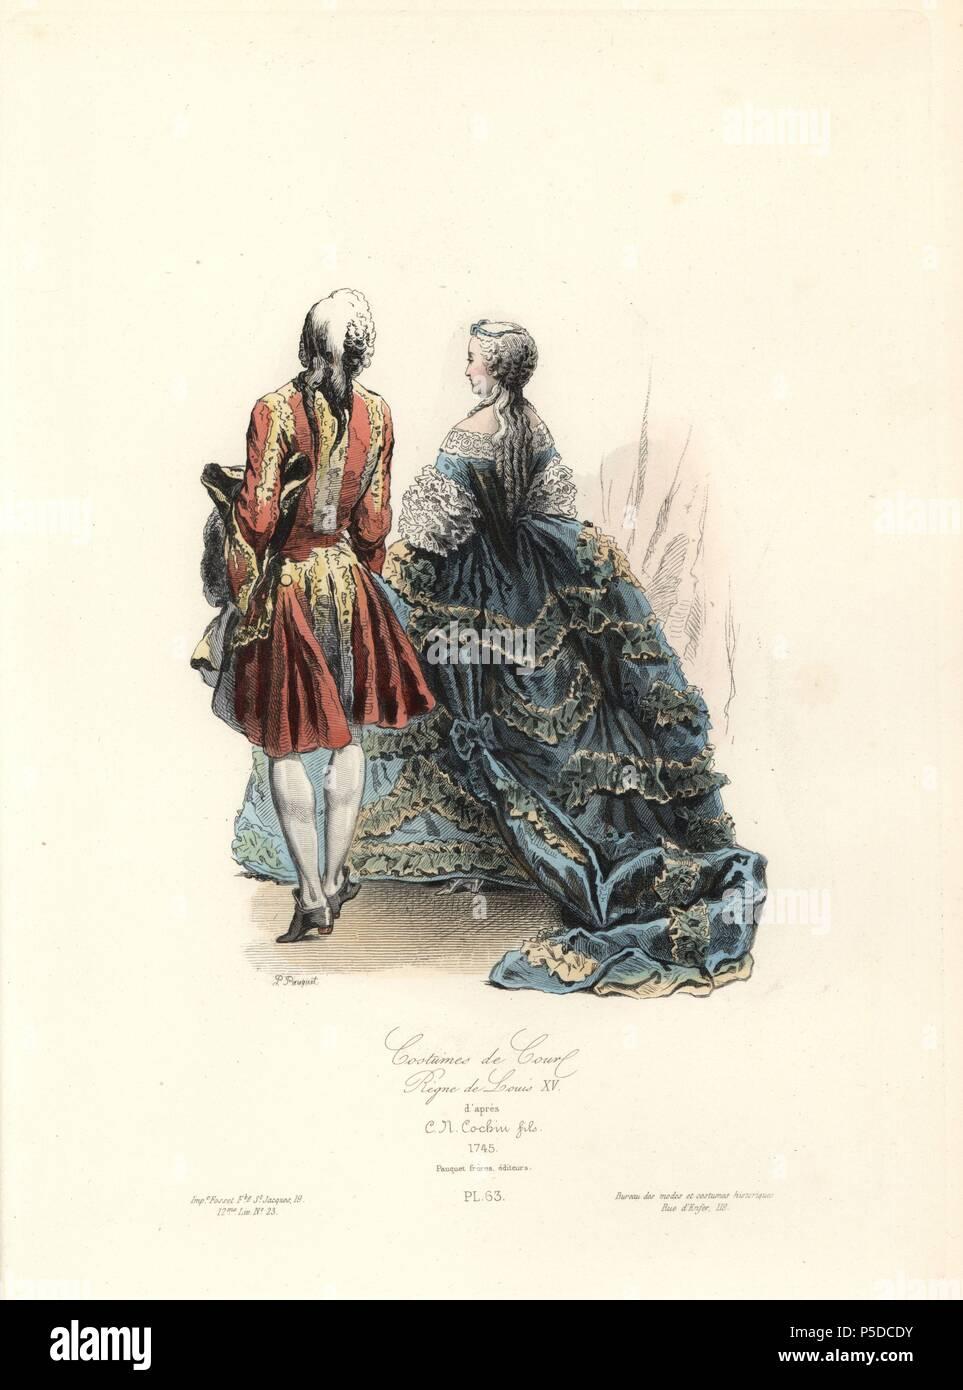 Corte trajes, reinado de Luis XV, 1745. Handcolored acero grabado ...